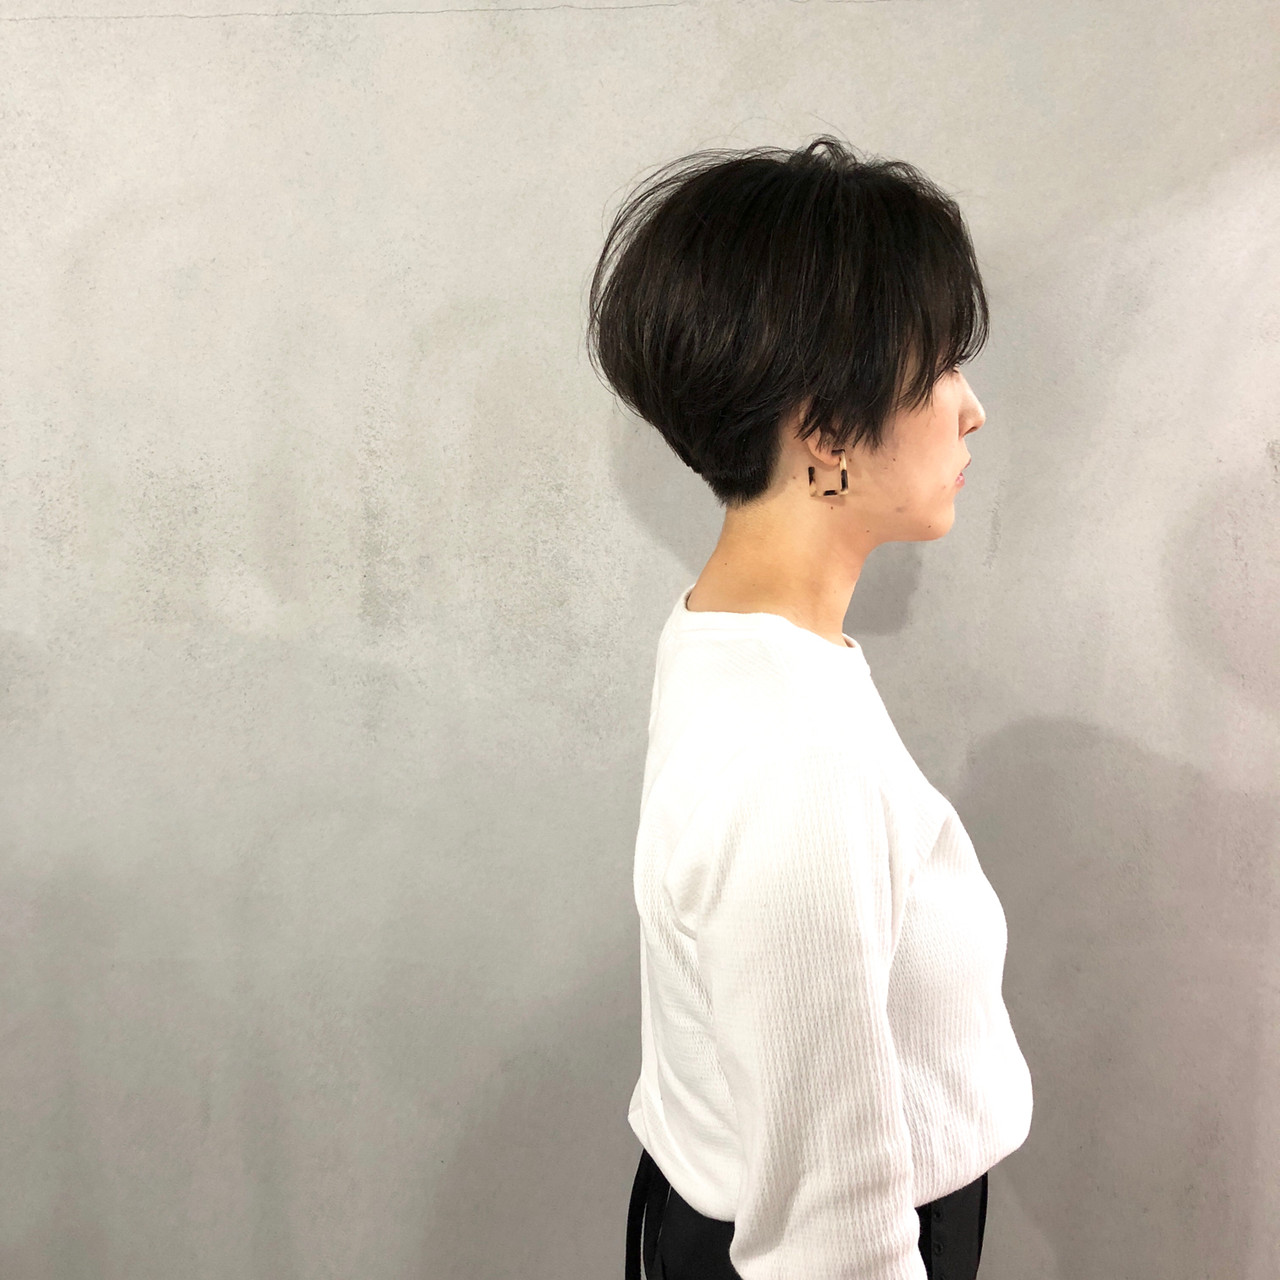 ナチュラル マッシュ マッシュショート 刈り上げ女子 ヘアスタイルや髪型の写真・画像